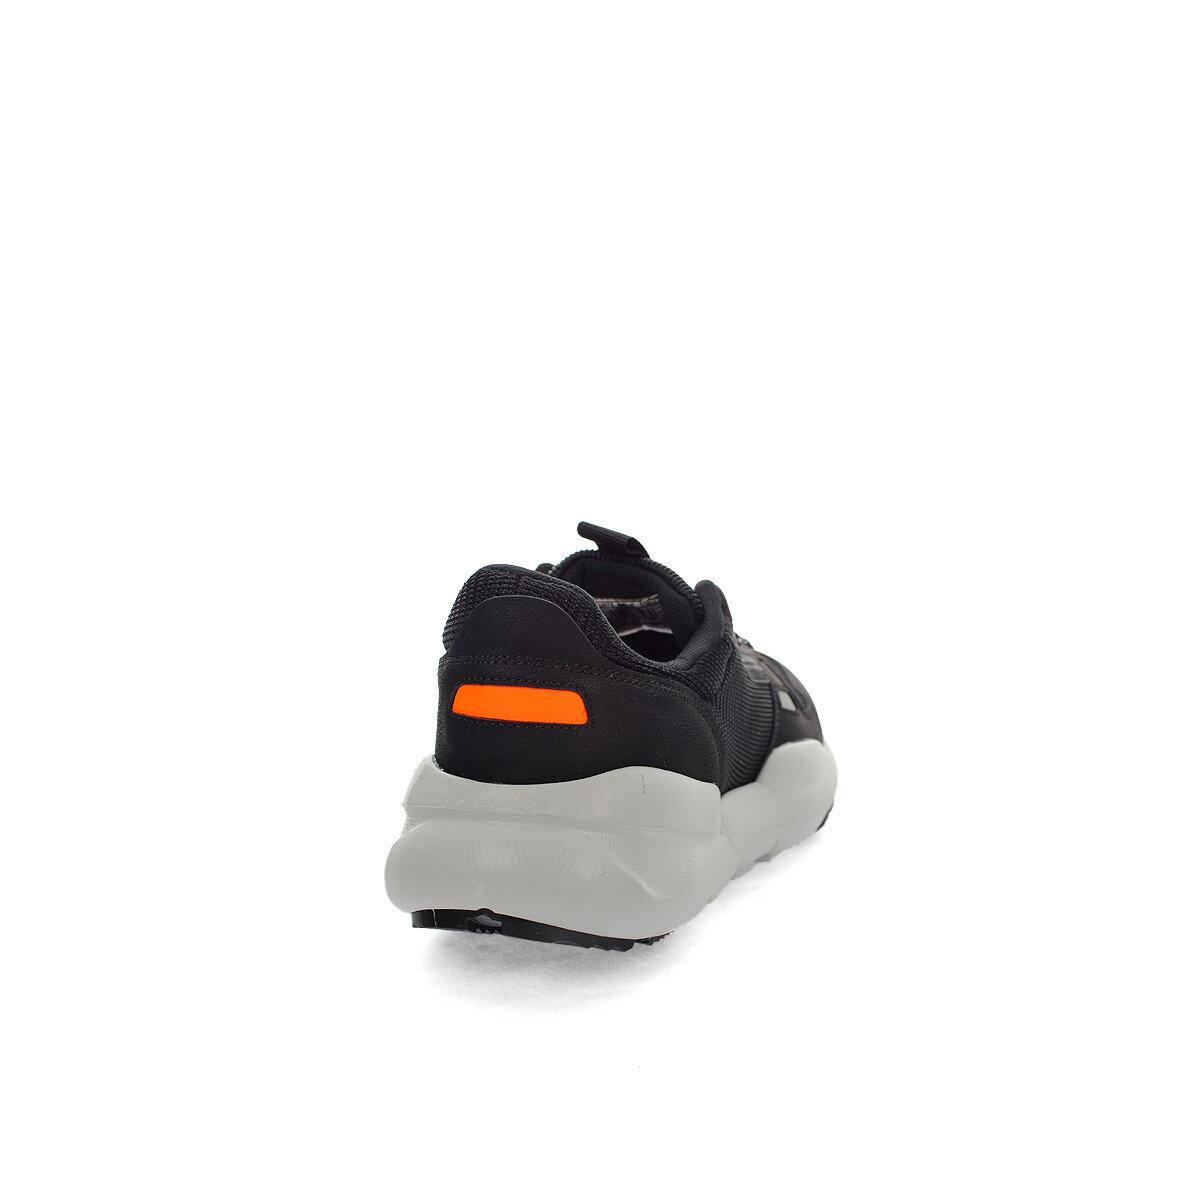 TOBIAS Sneakers Uomo